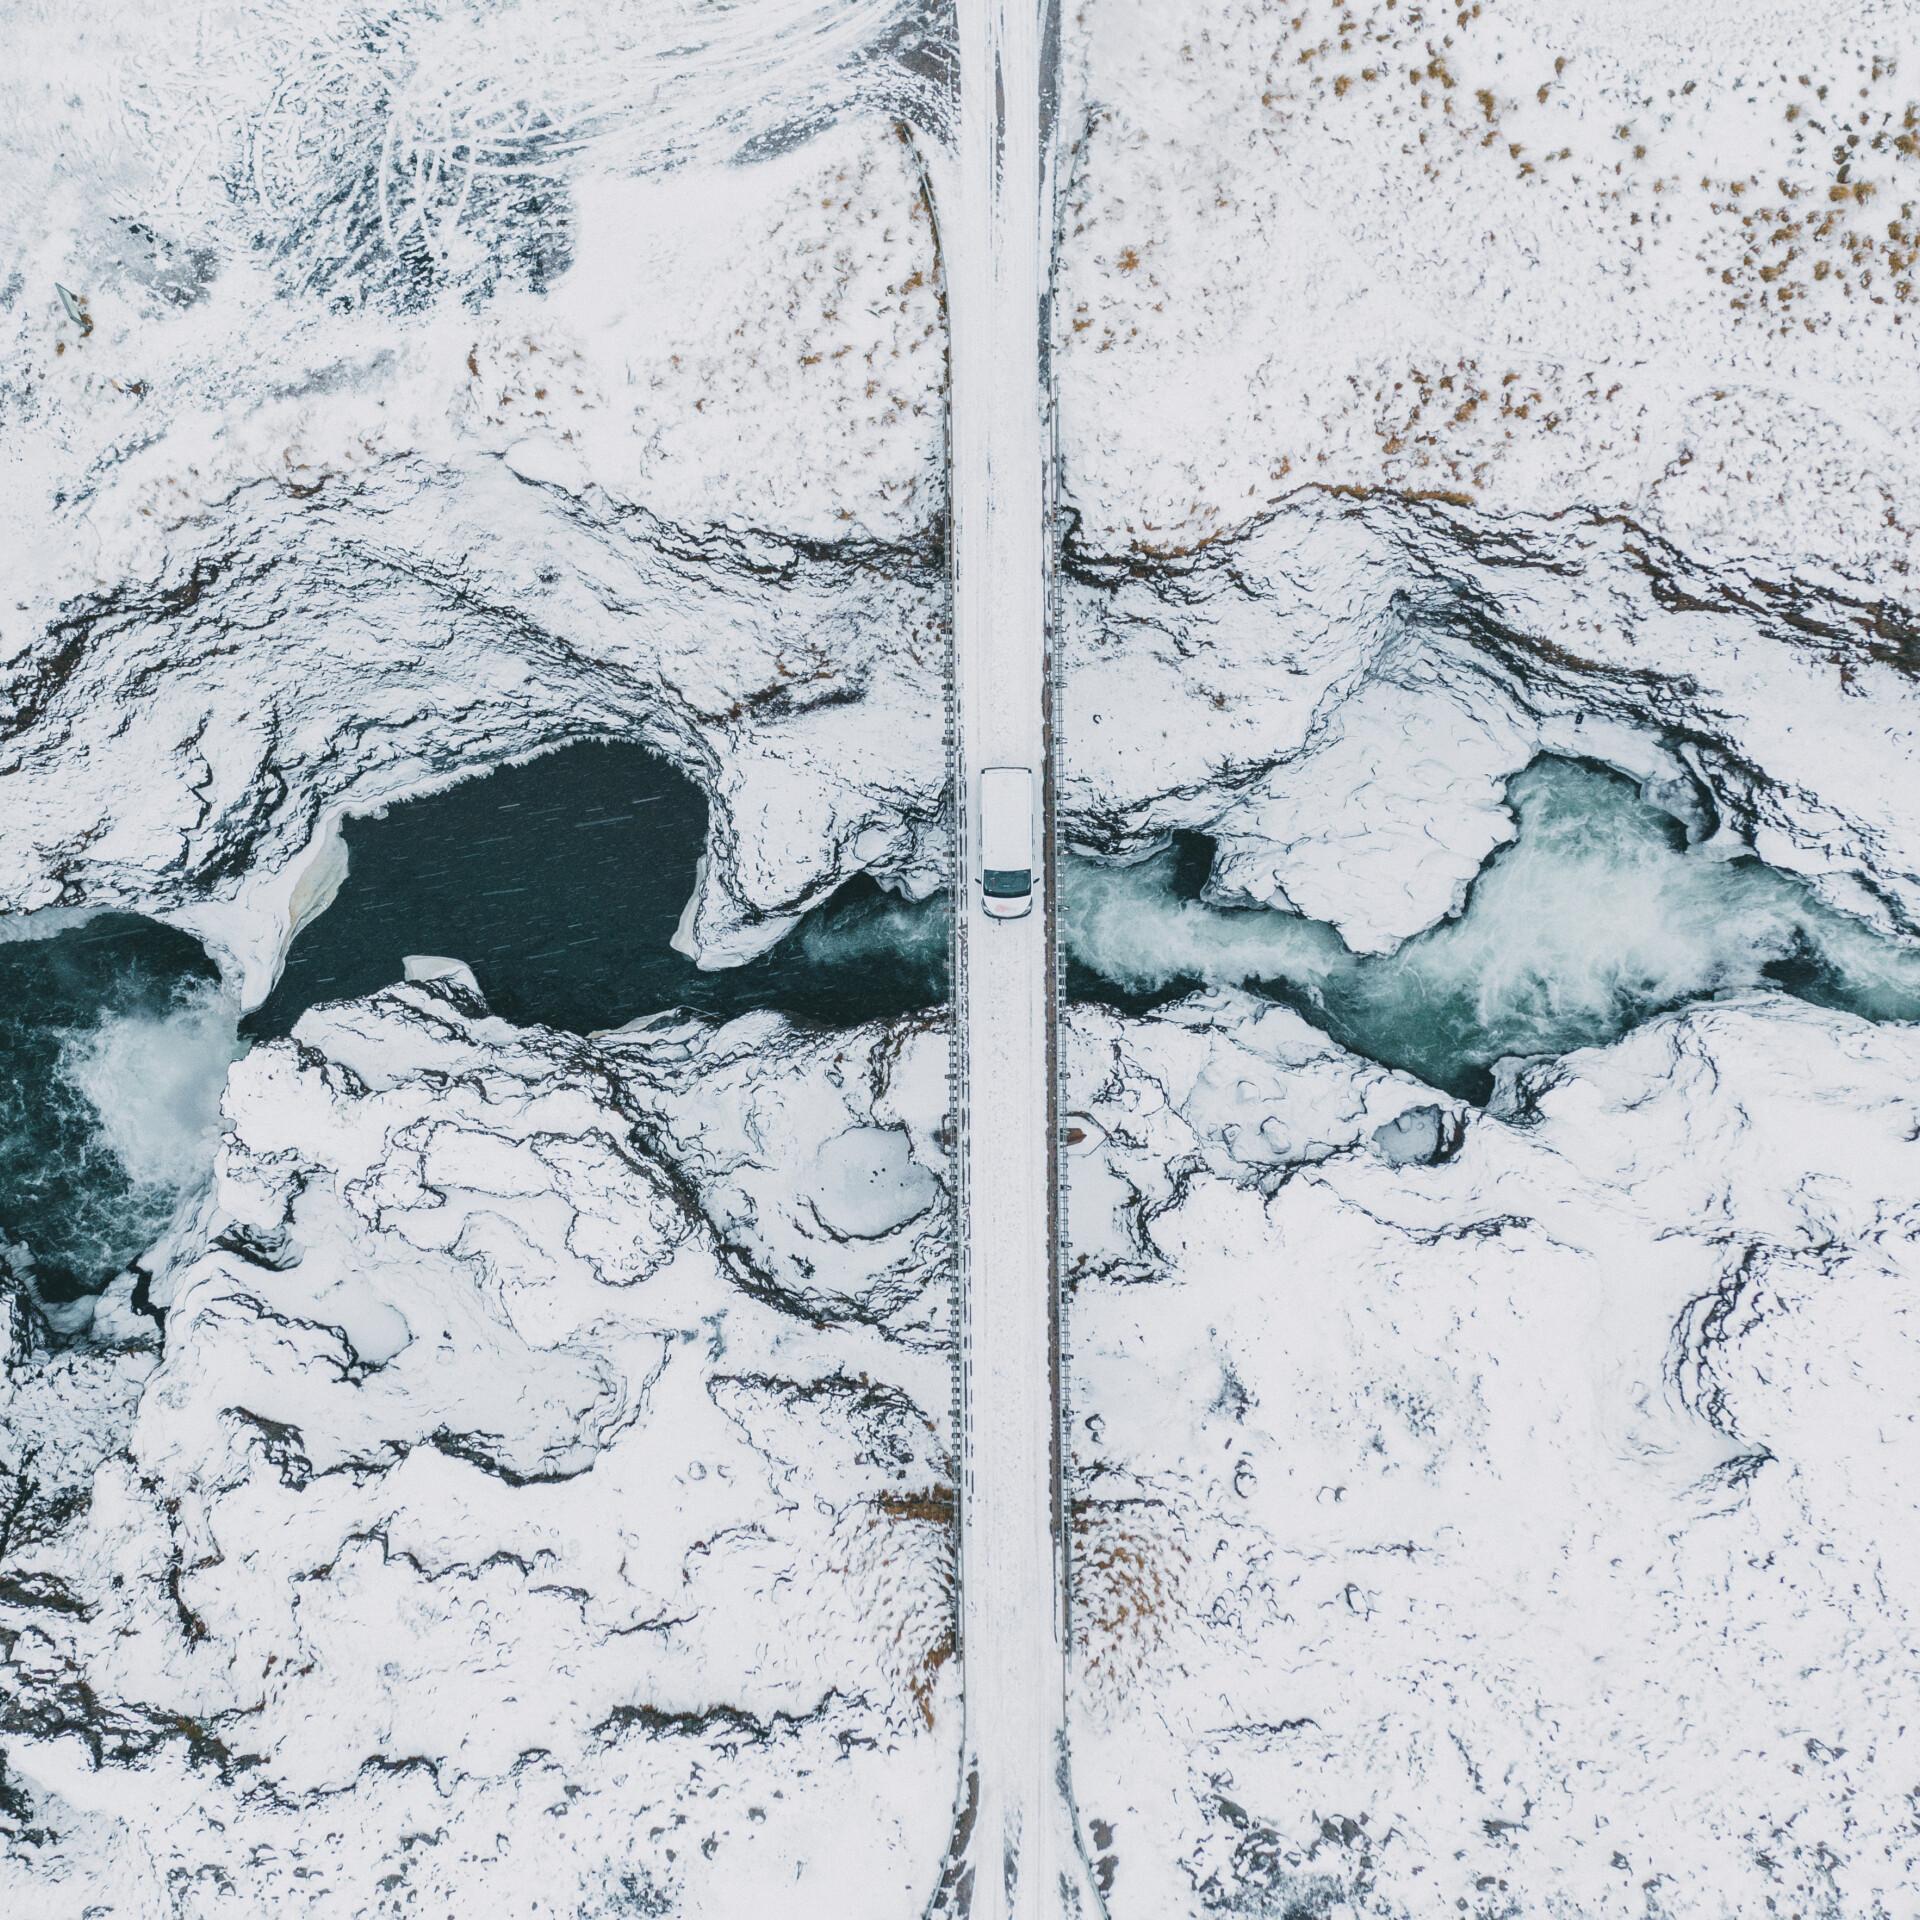 Straße in verschneiter Landschaft